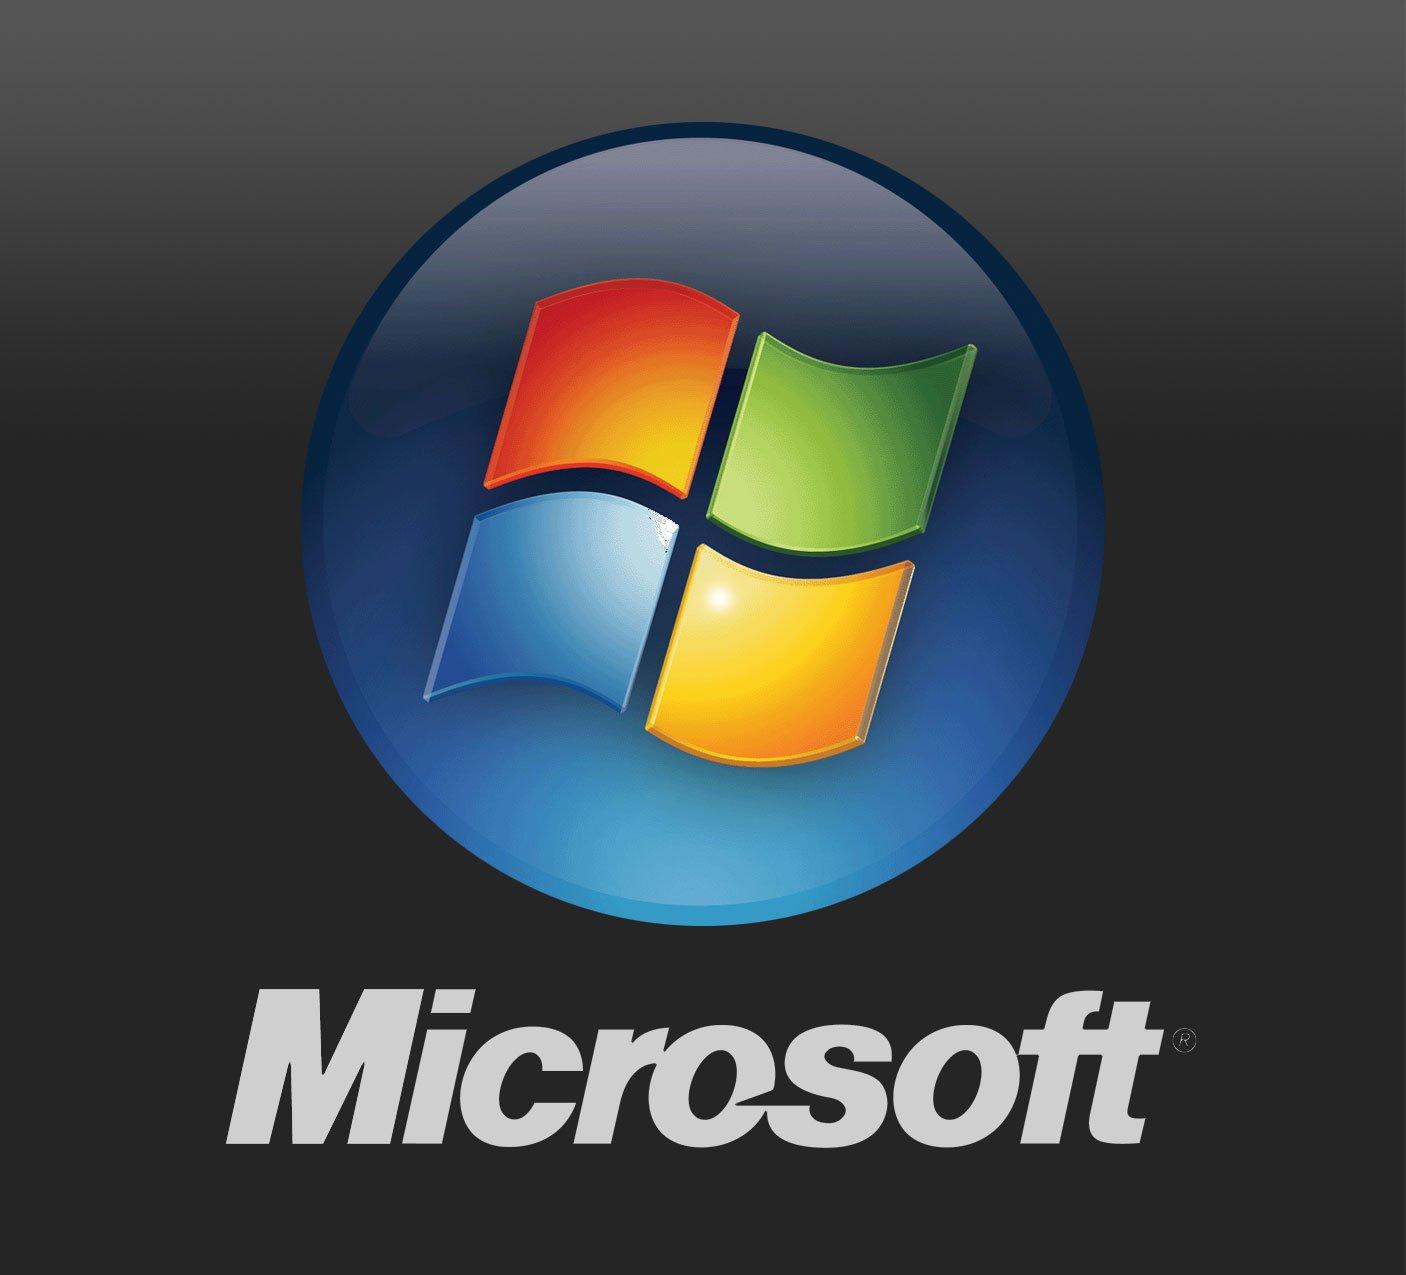 Microsoft закончил выпуск игрового девайса Kinect